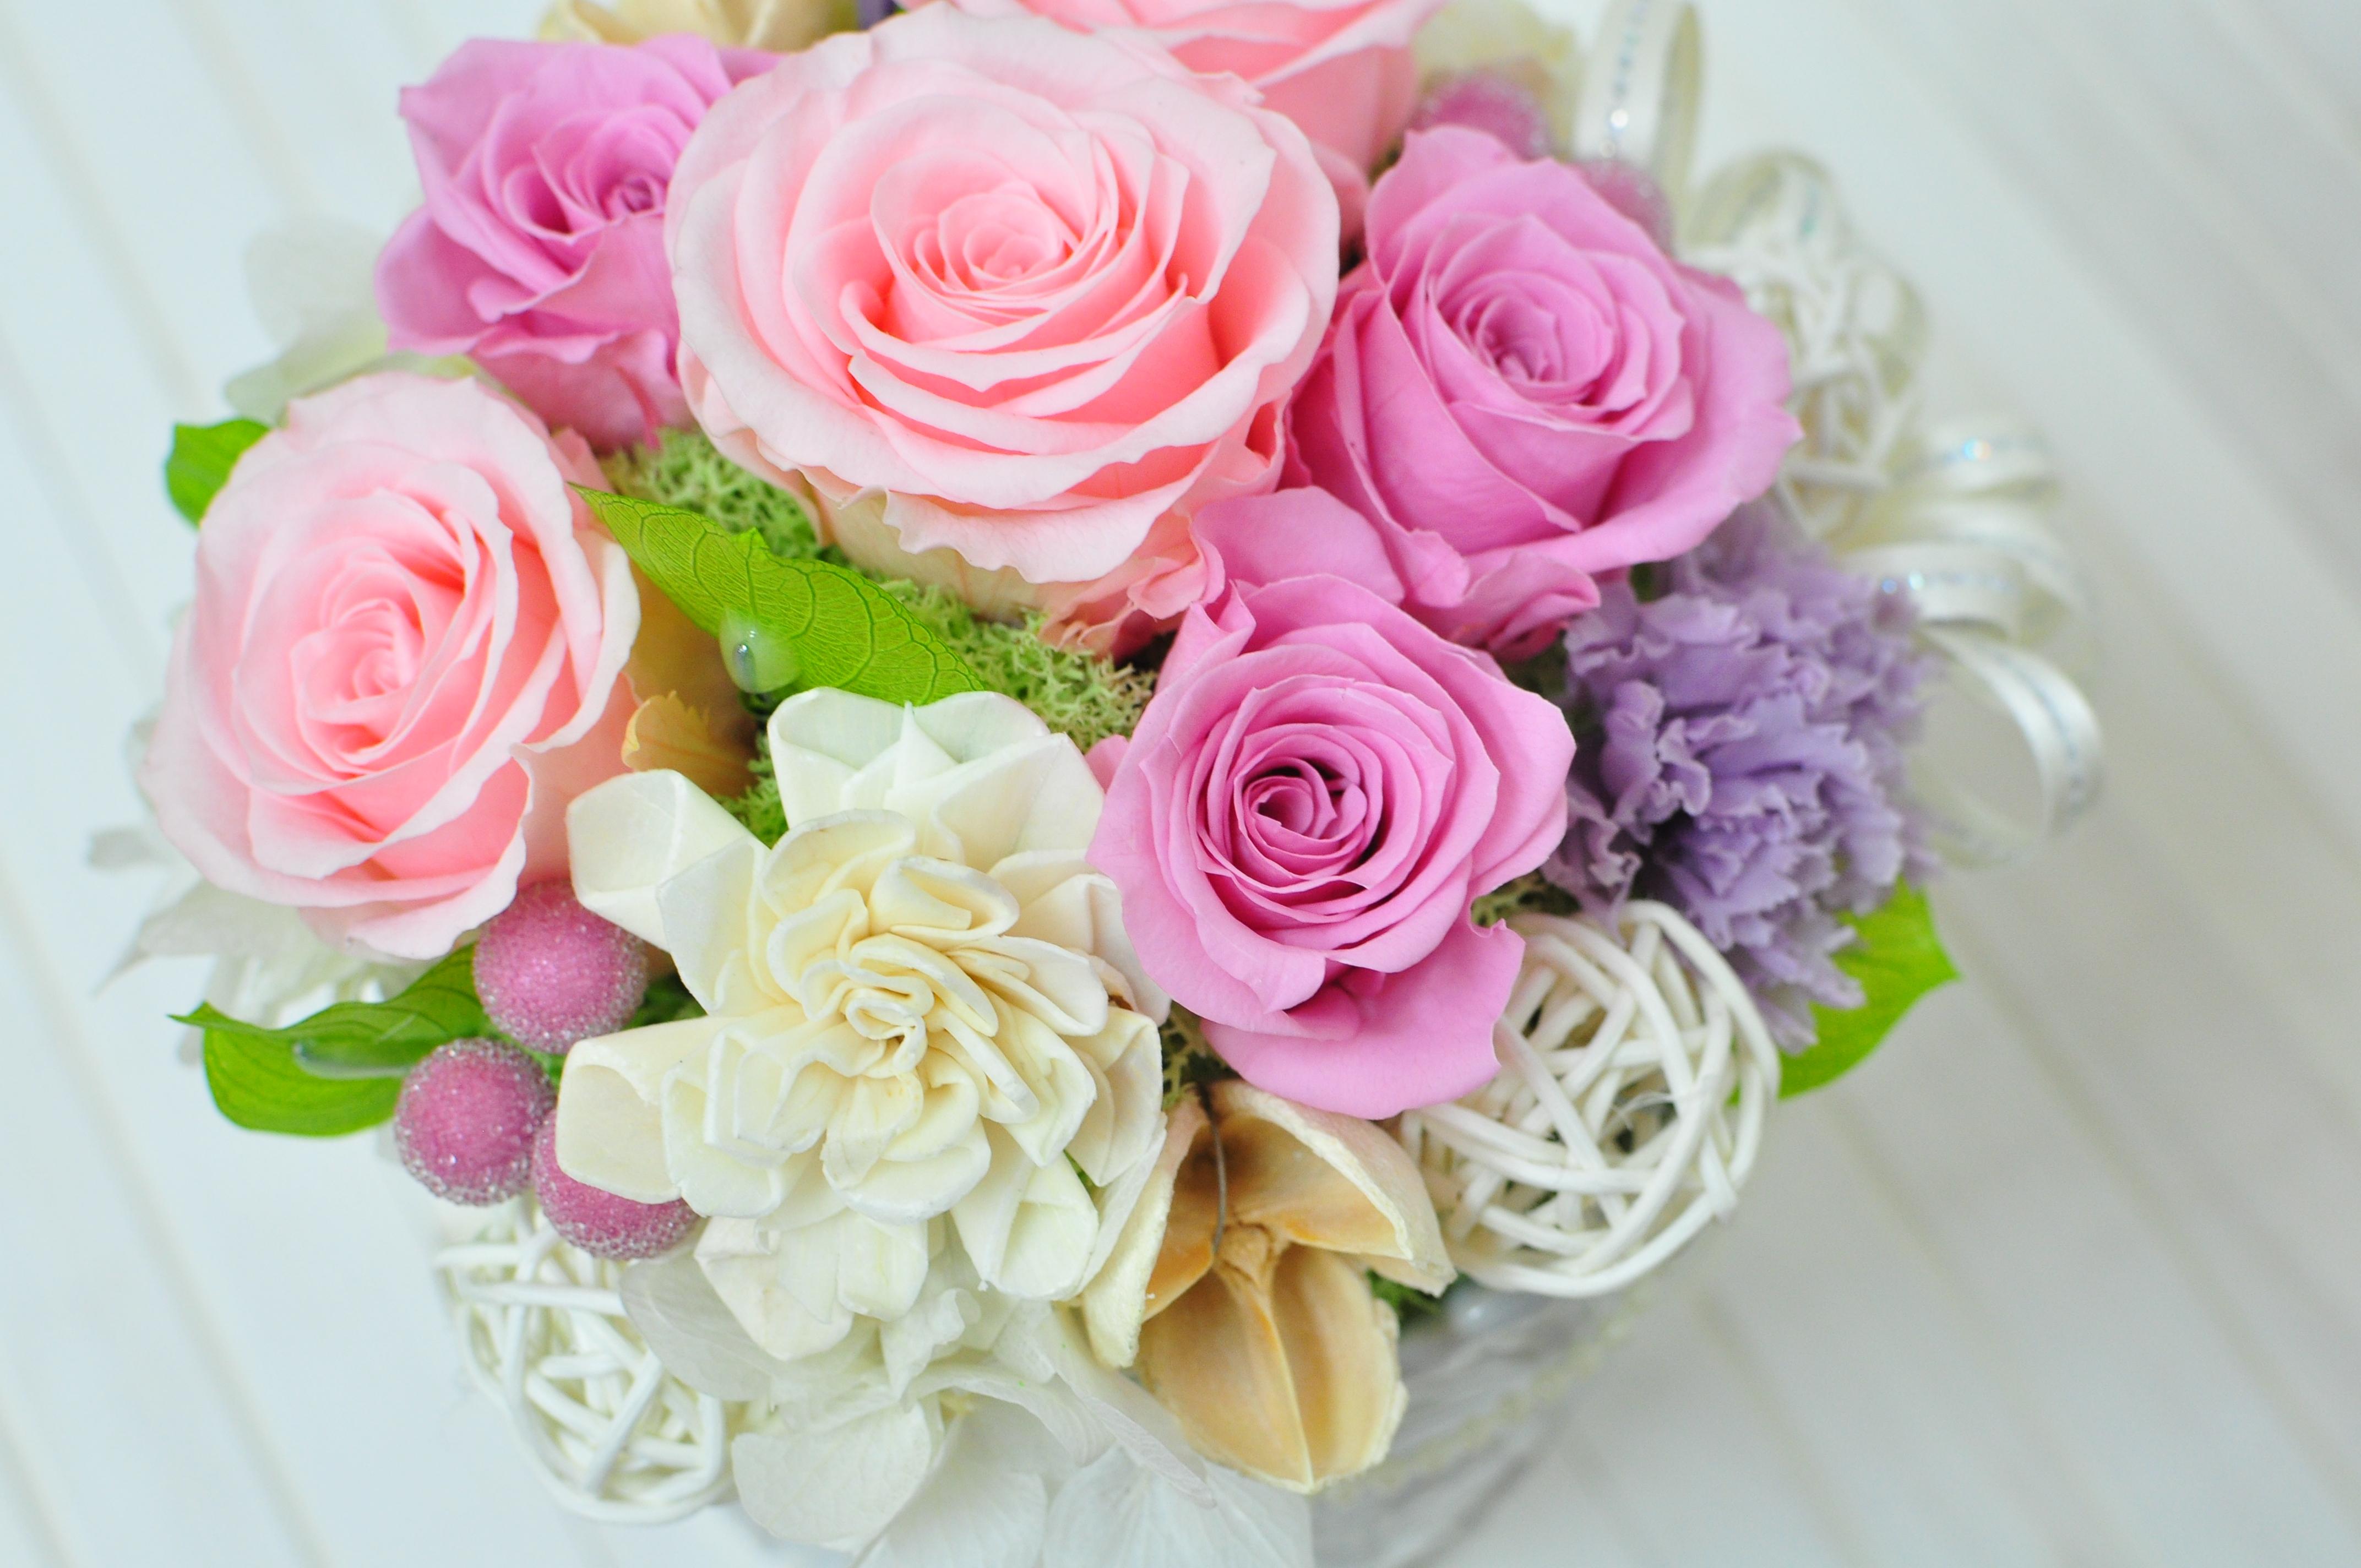 ピンクのバラとソーラーダリアのアレンジメント